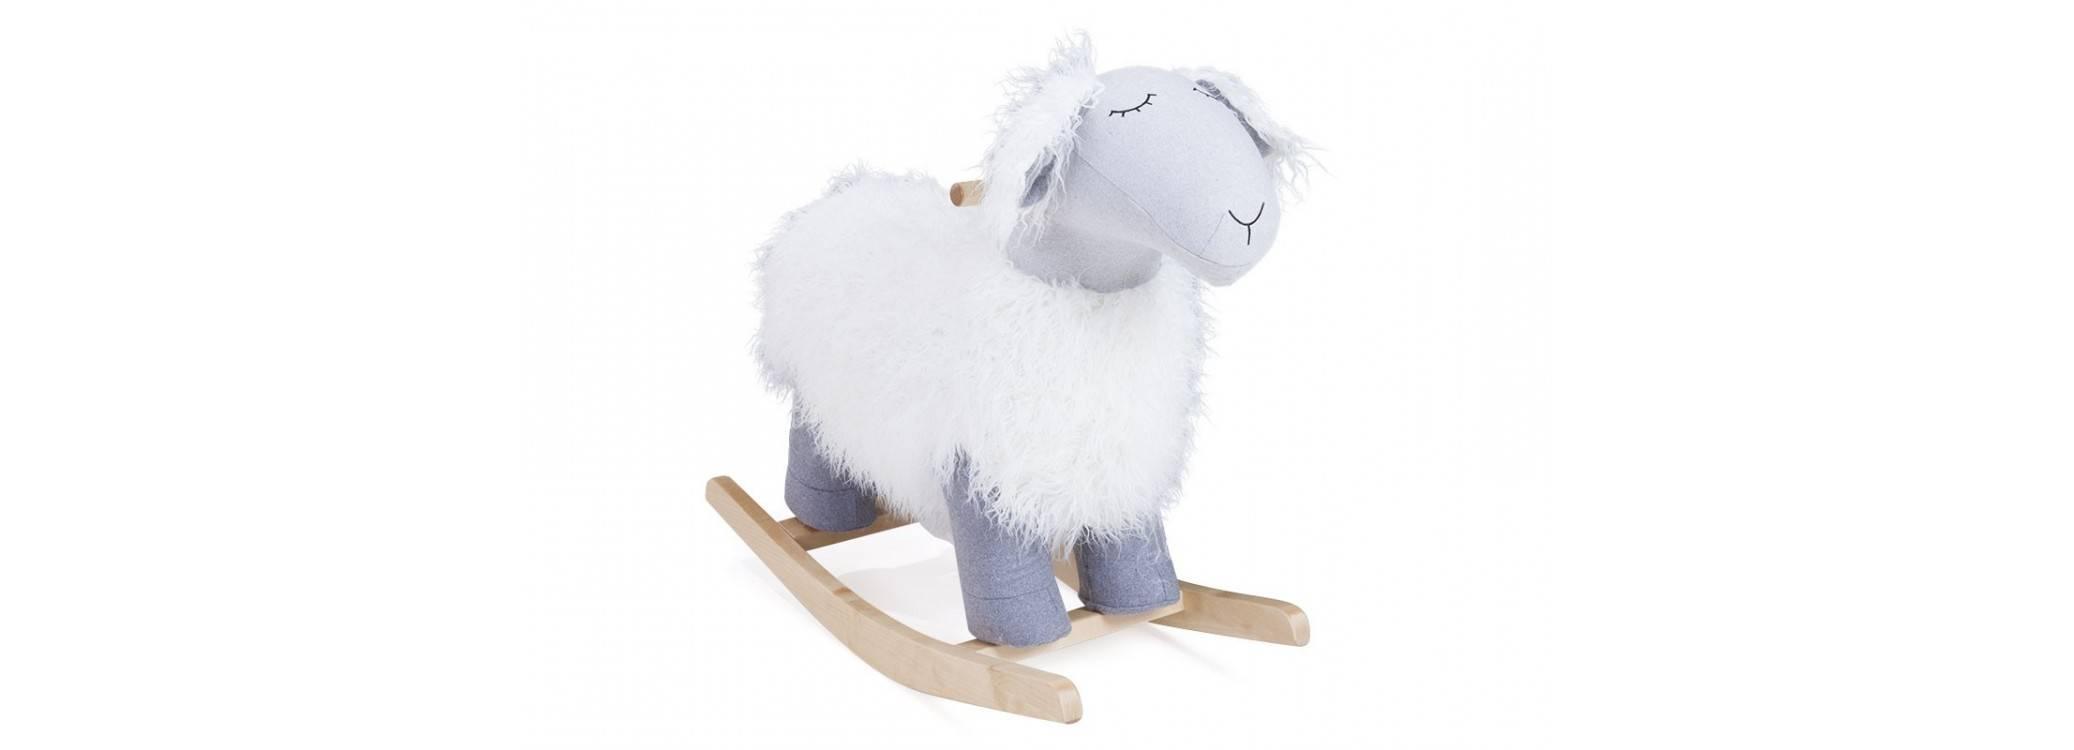 Rocking-chair, mouton à bascule 90 cm